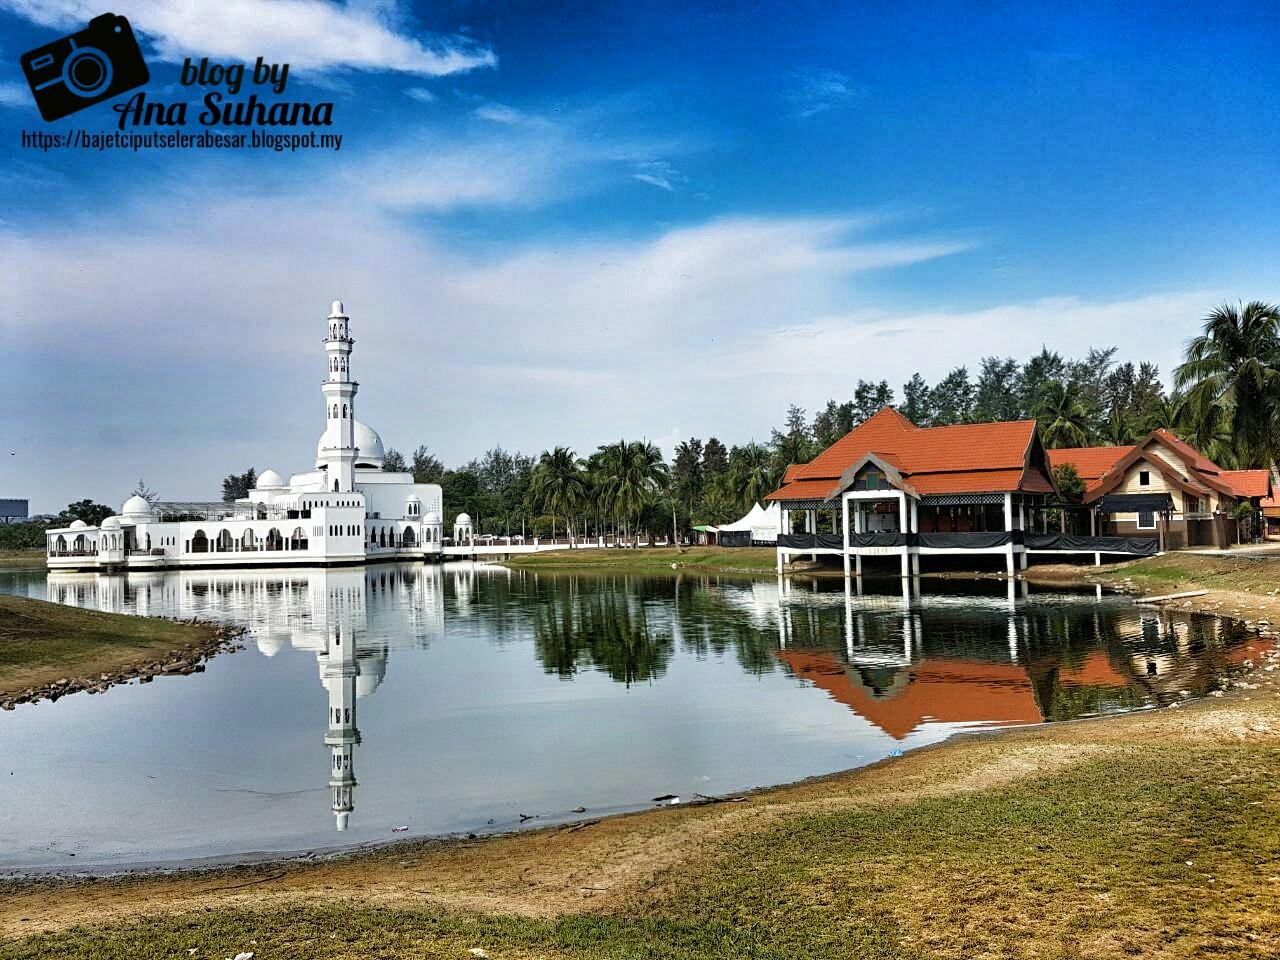 Jalan-jalan di Terengganu : Masjid Terapung @ Masjid Tengku Tengah Zaharah